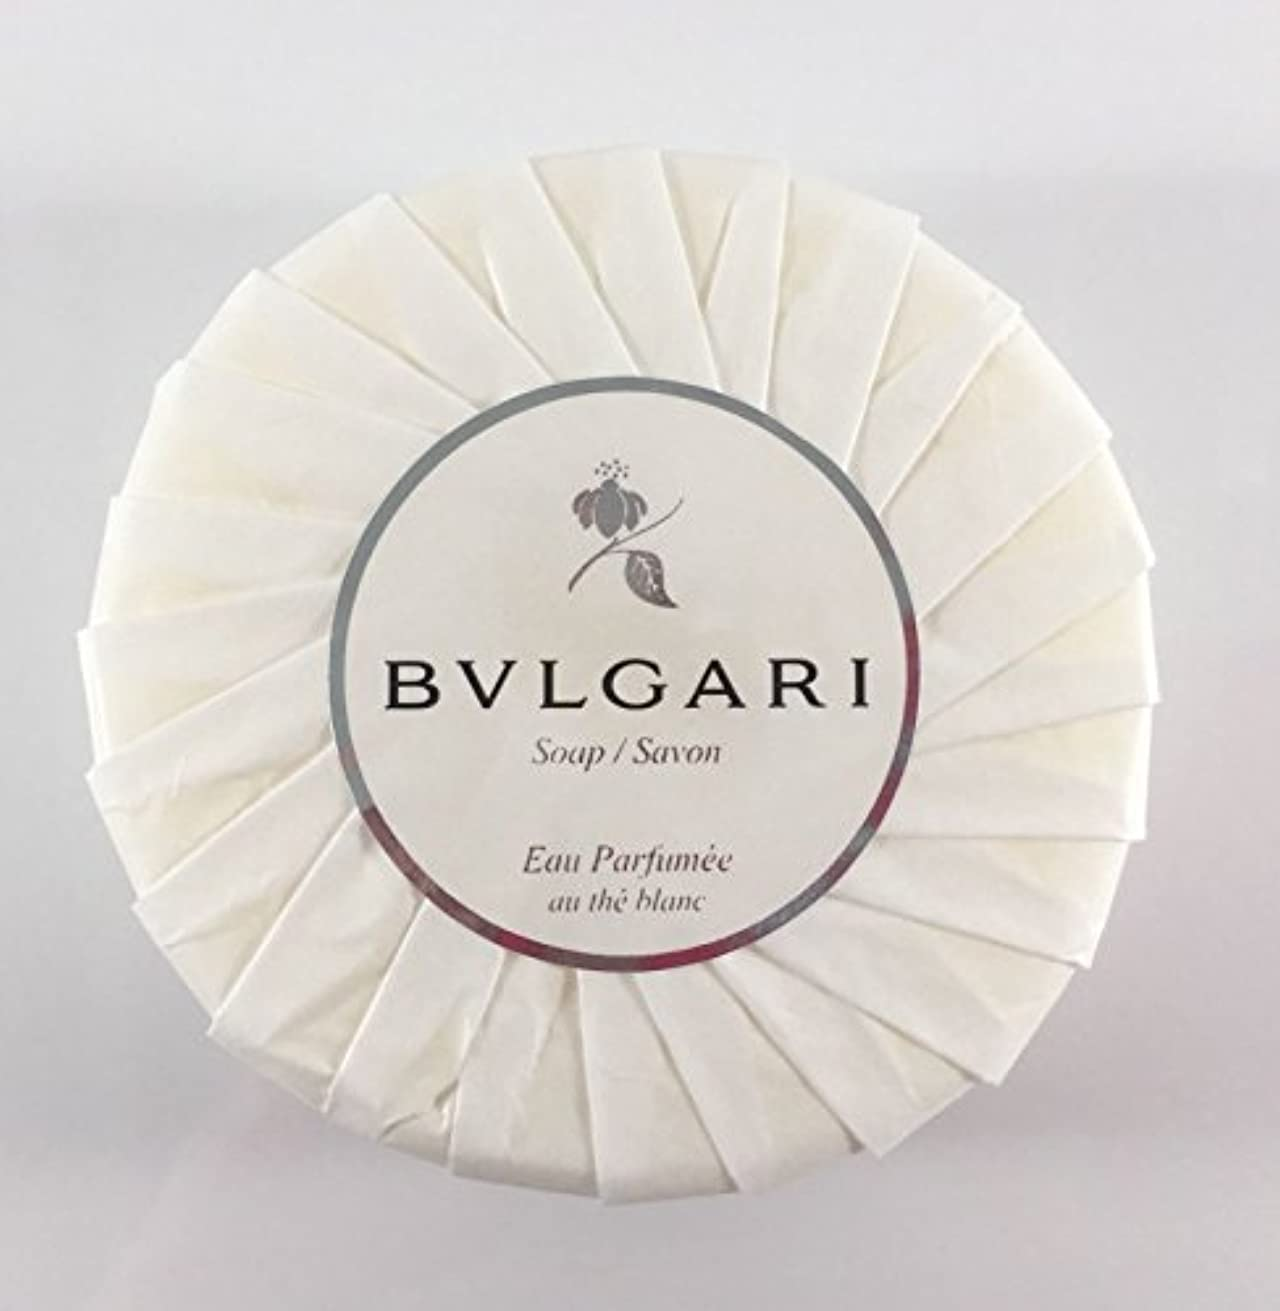 ブルガリ オ?パフメ オーテブラン デラックスソープ150g BVLGARI Bvlgari Eau Parfumee au the blanc White Soap